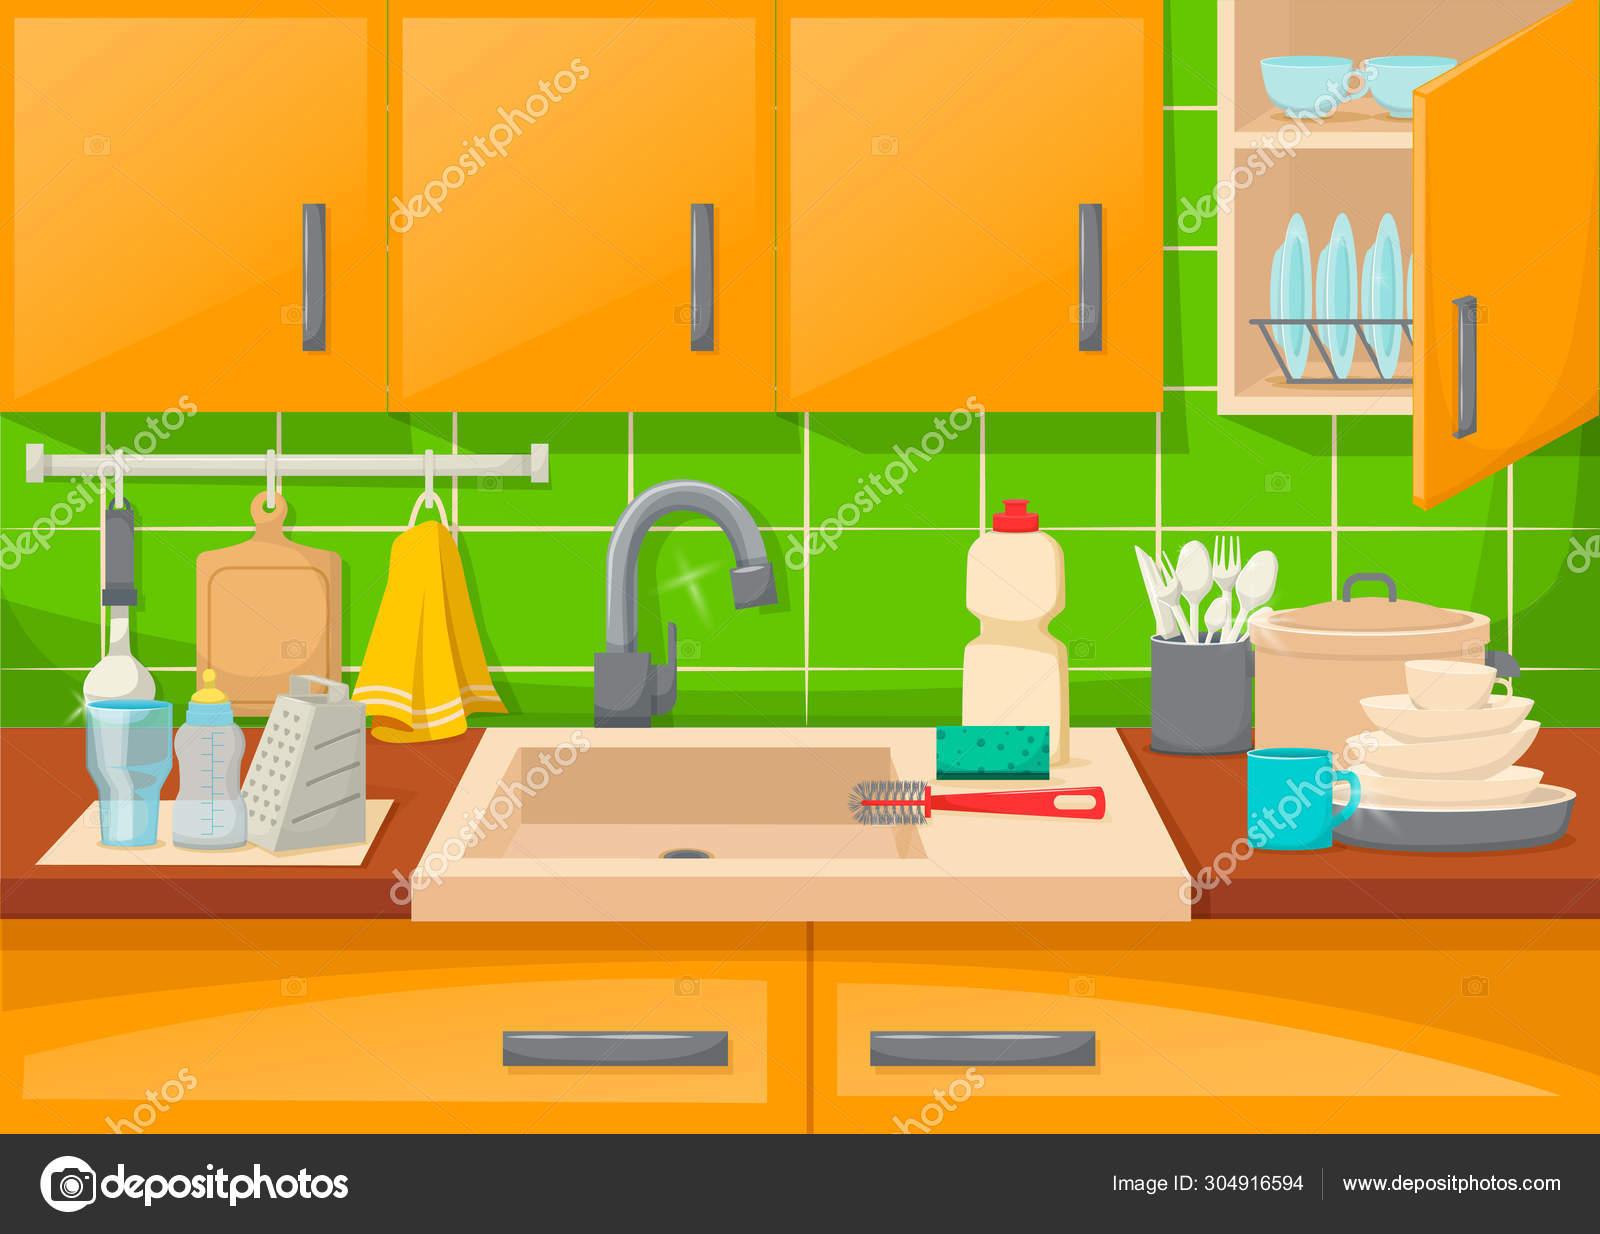 Vektorgrafiken Messy Kitchen Sink Vektorbilder Messy Kitchen Sink Depositphotos